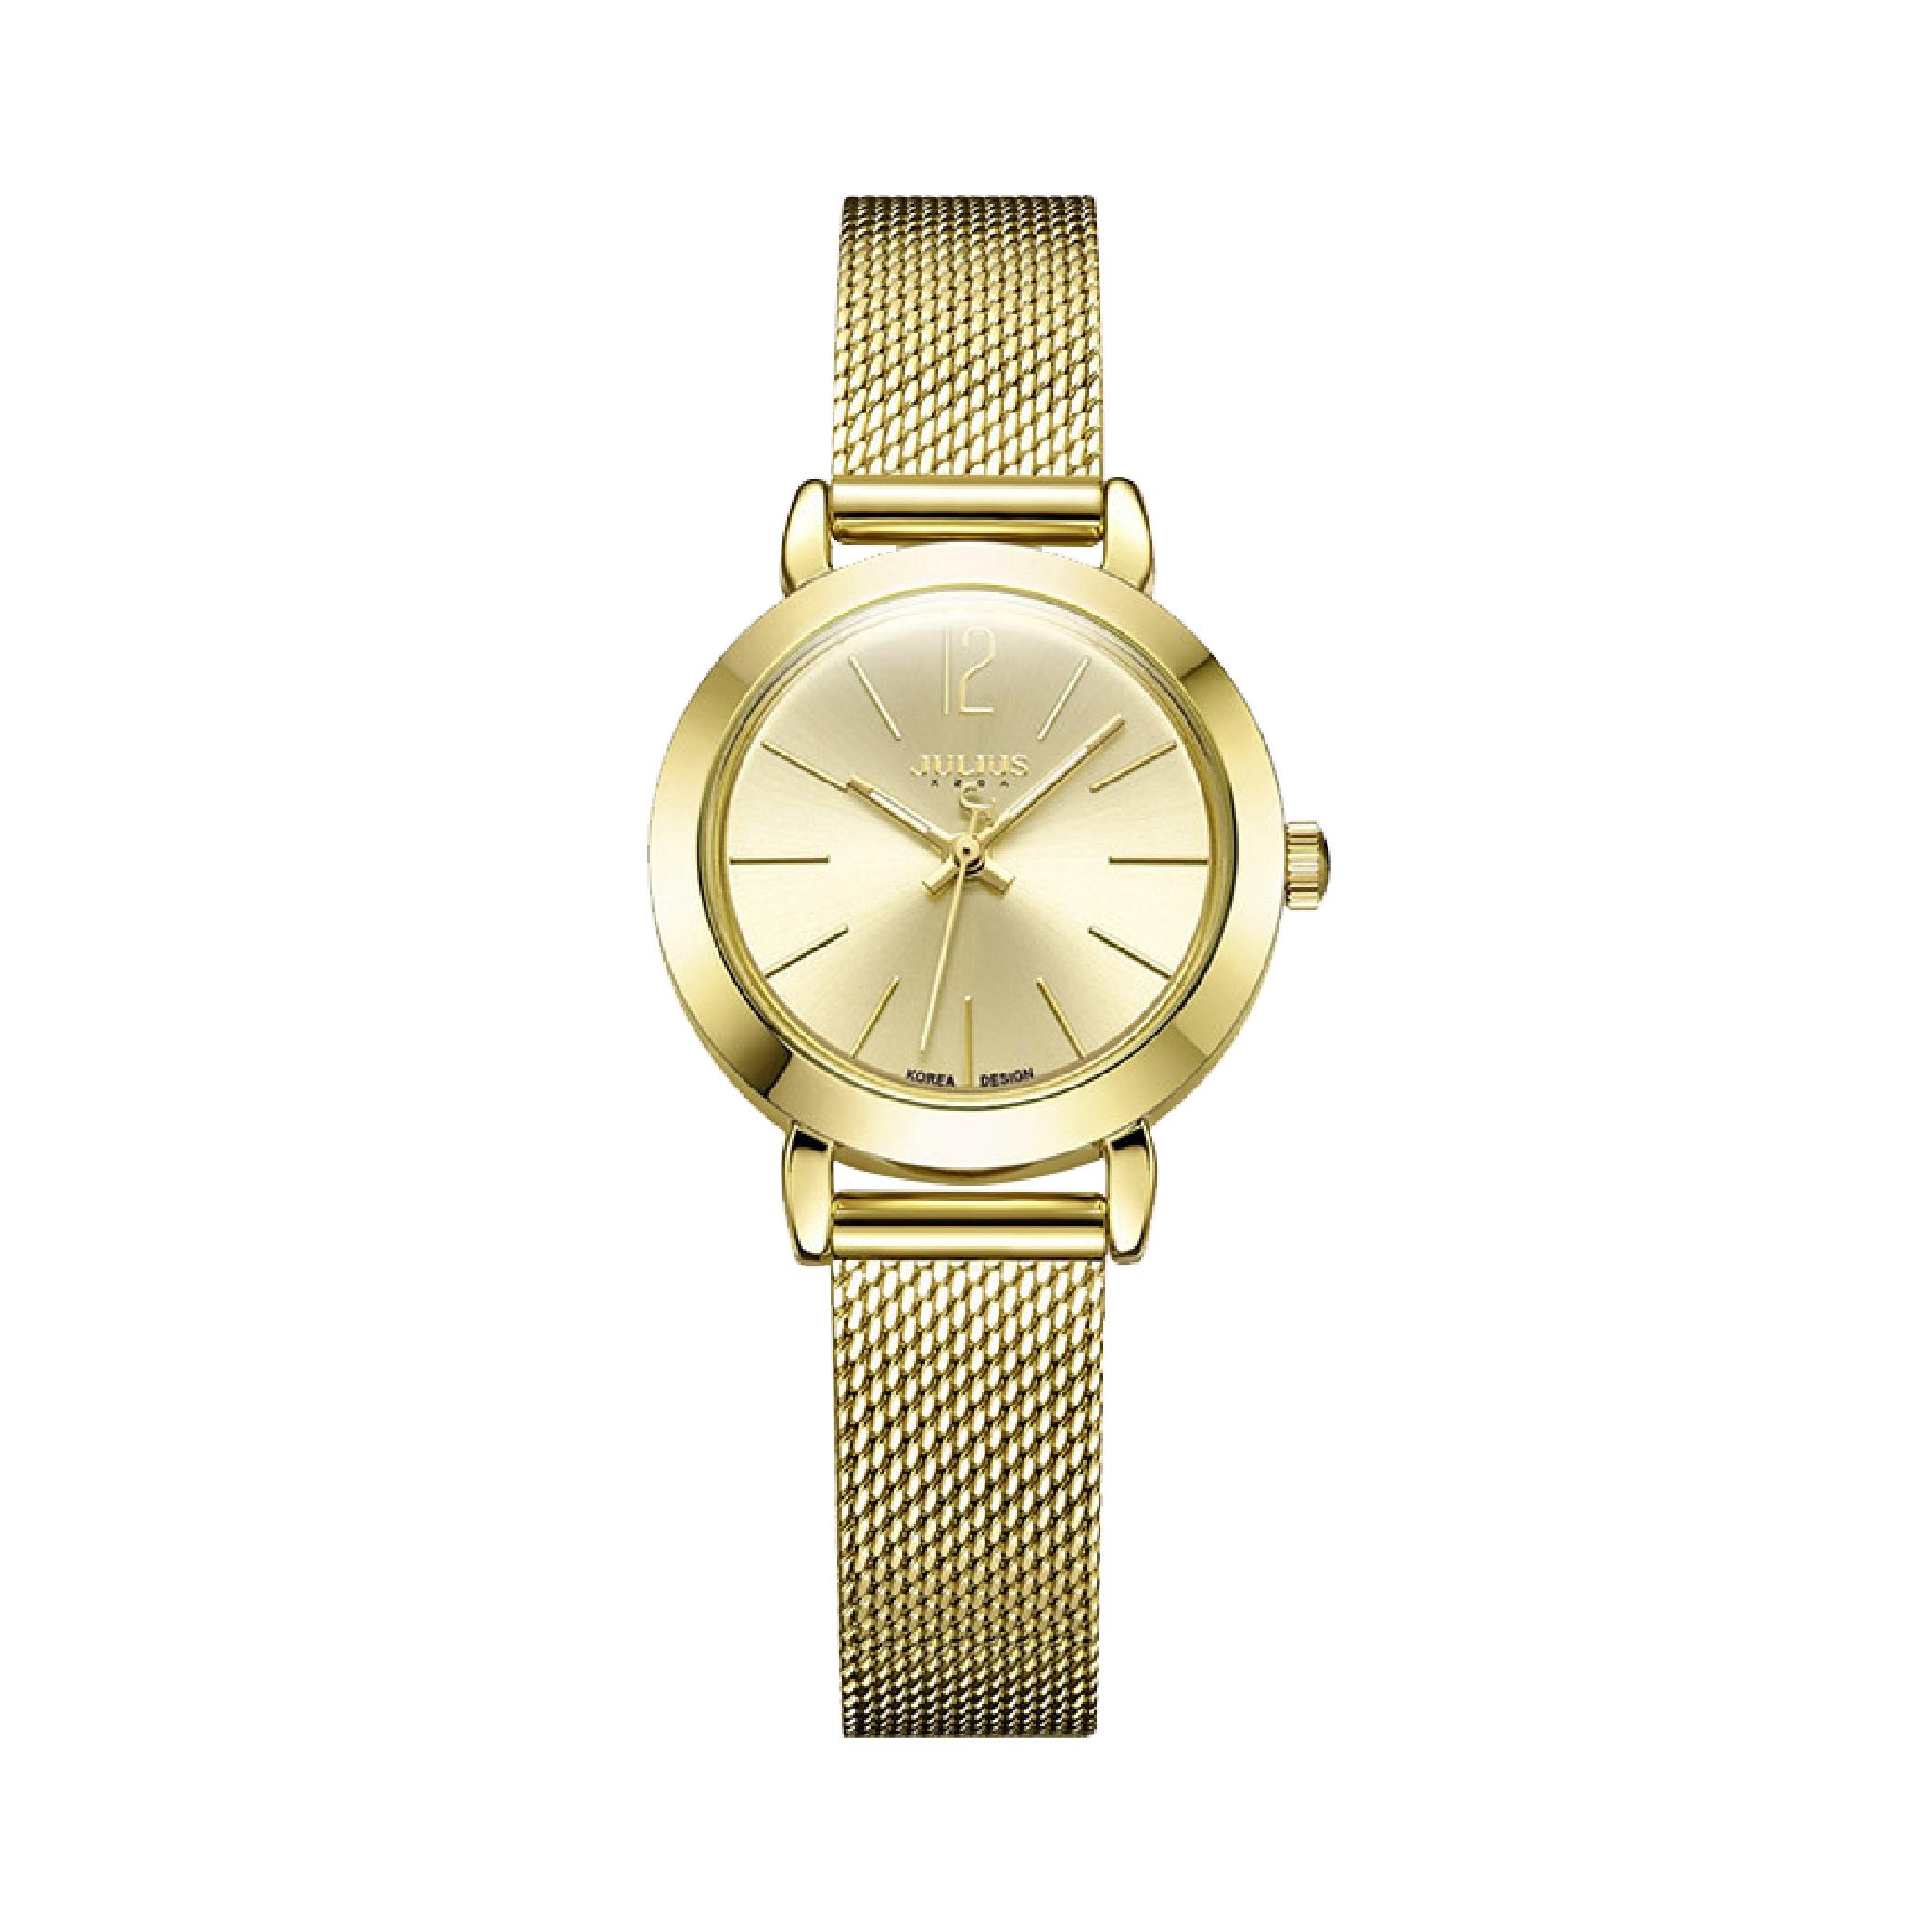 นาฬิกาข้อมือผู้หญิง JULIUS 732D